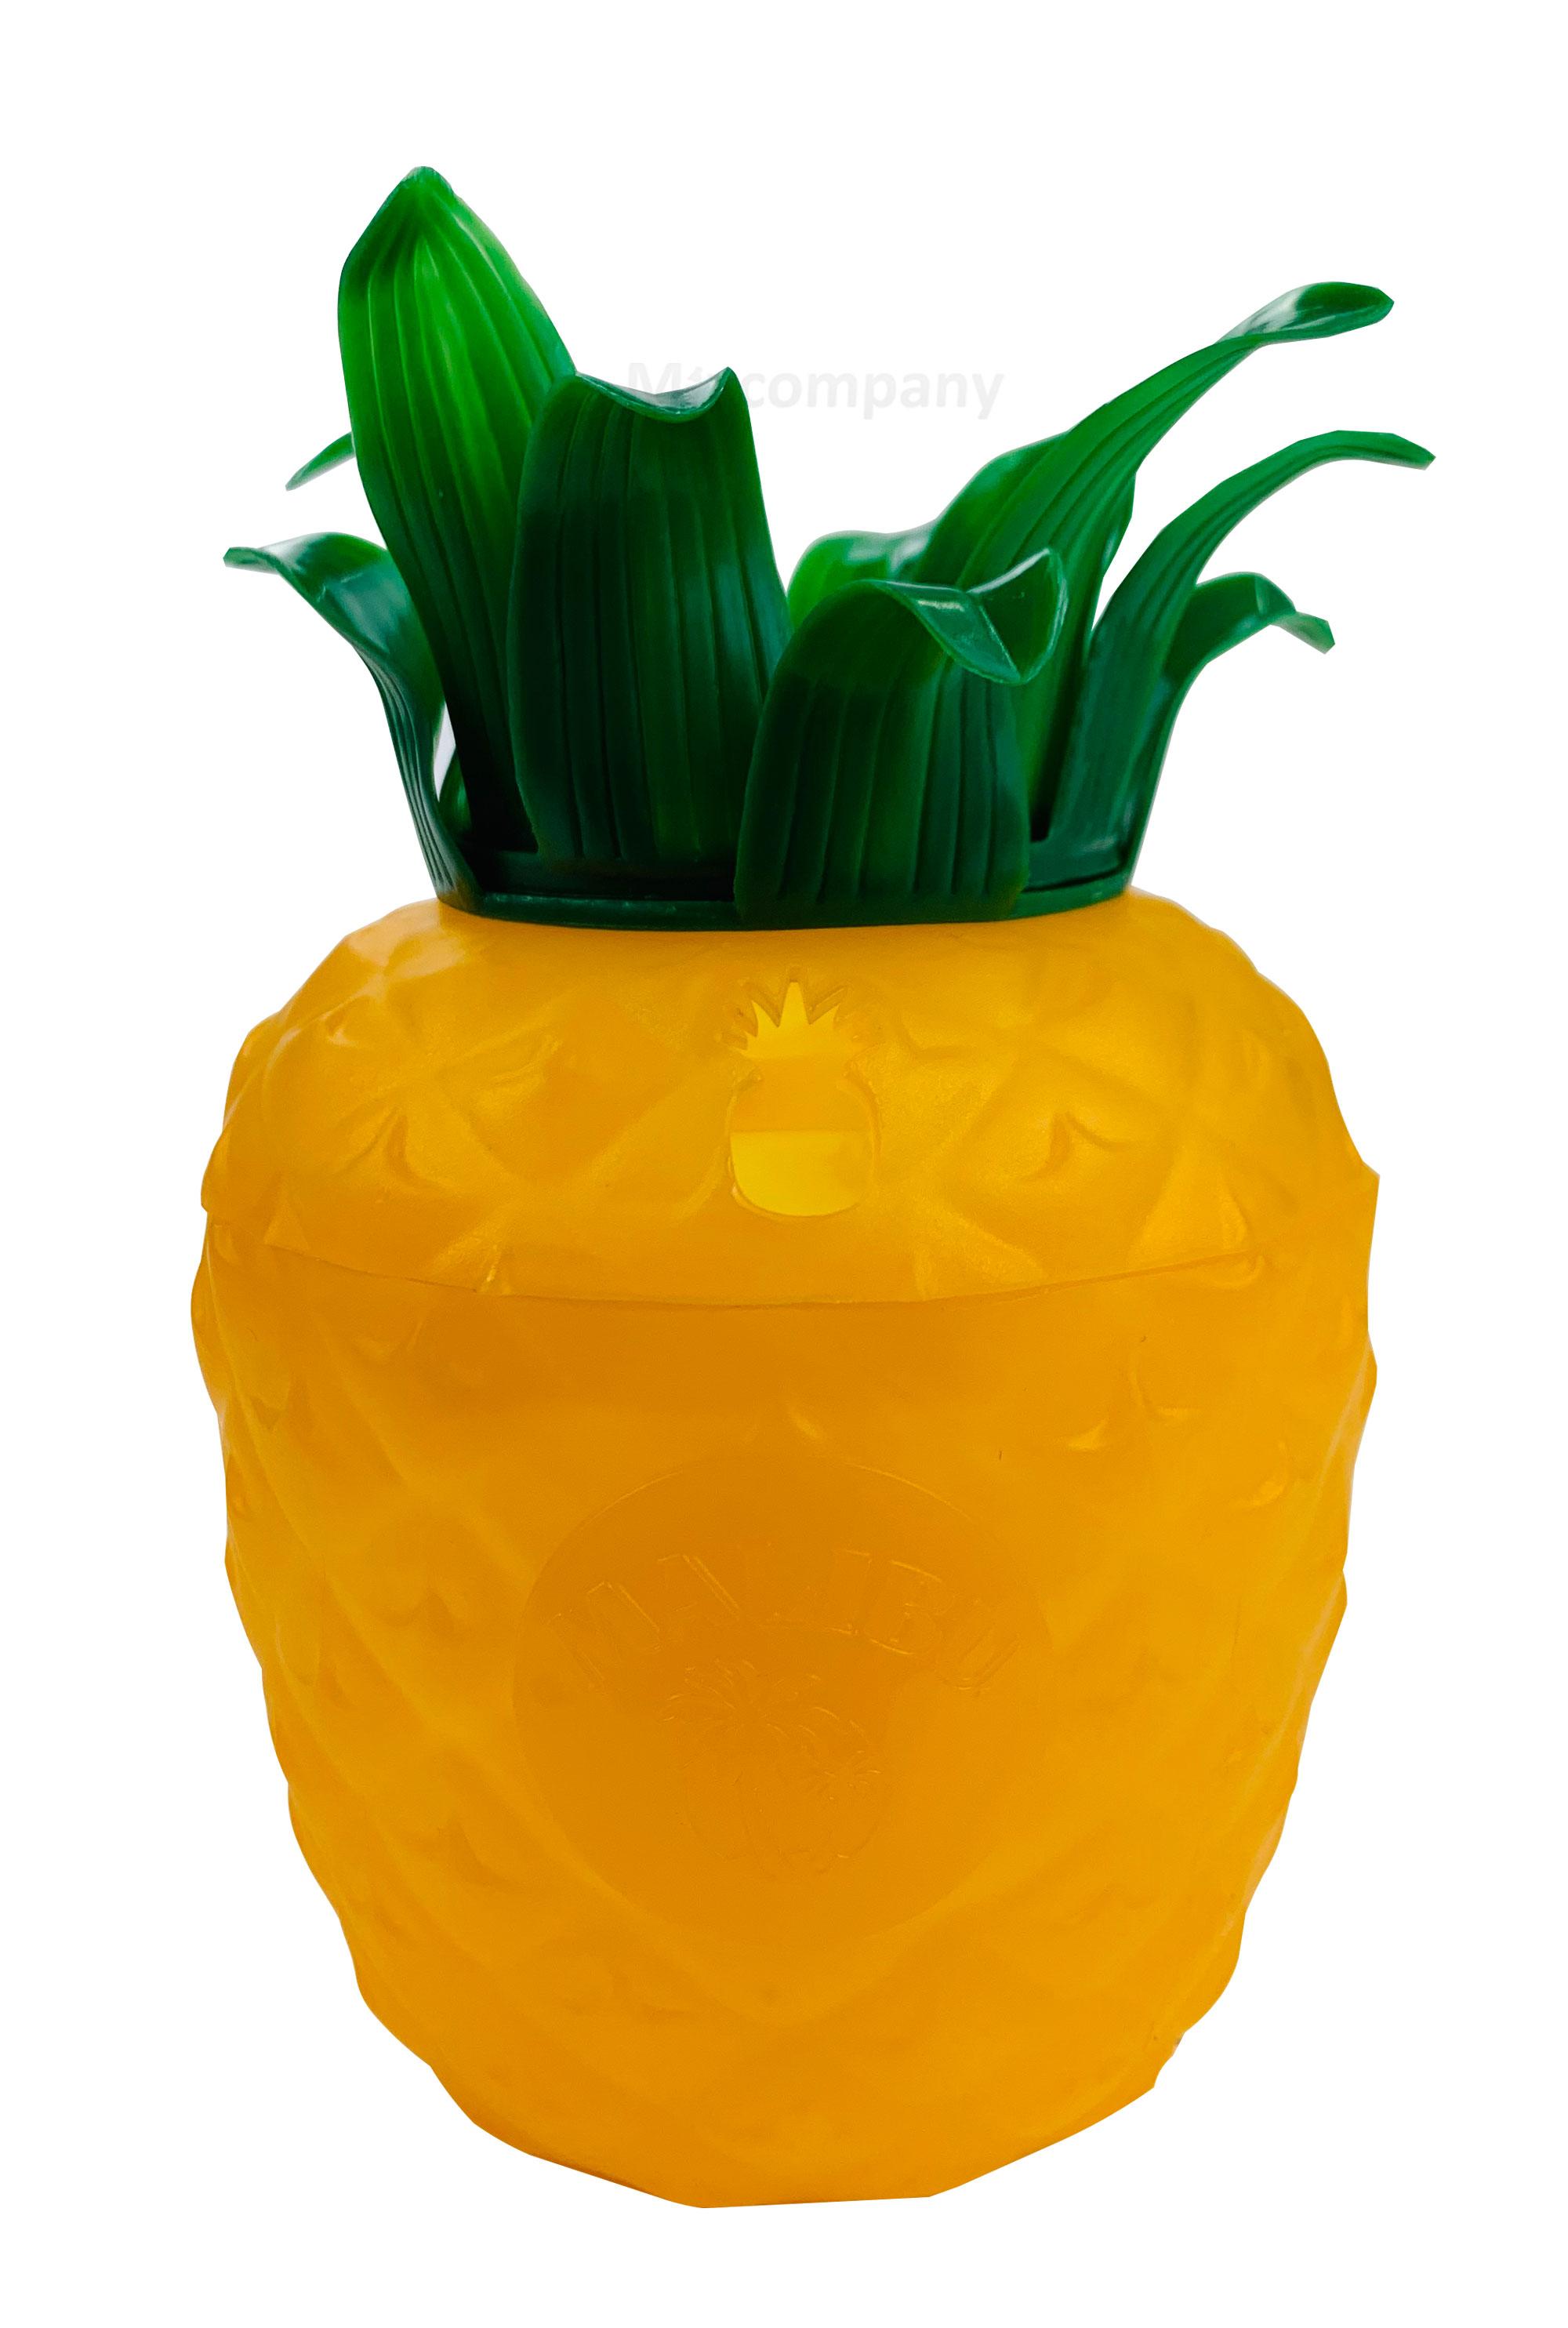 Malibu Cocktail Becher aus Kunststoff ananasform gelb ca. 0,3l 300ml Mehrweg Trinkbecher Cocktailbecher Ananas Glas Gläser